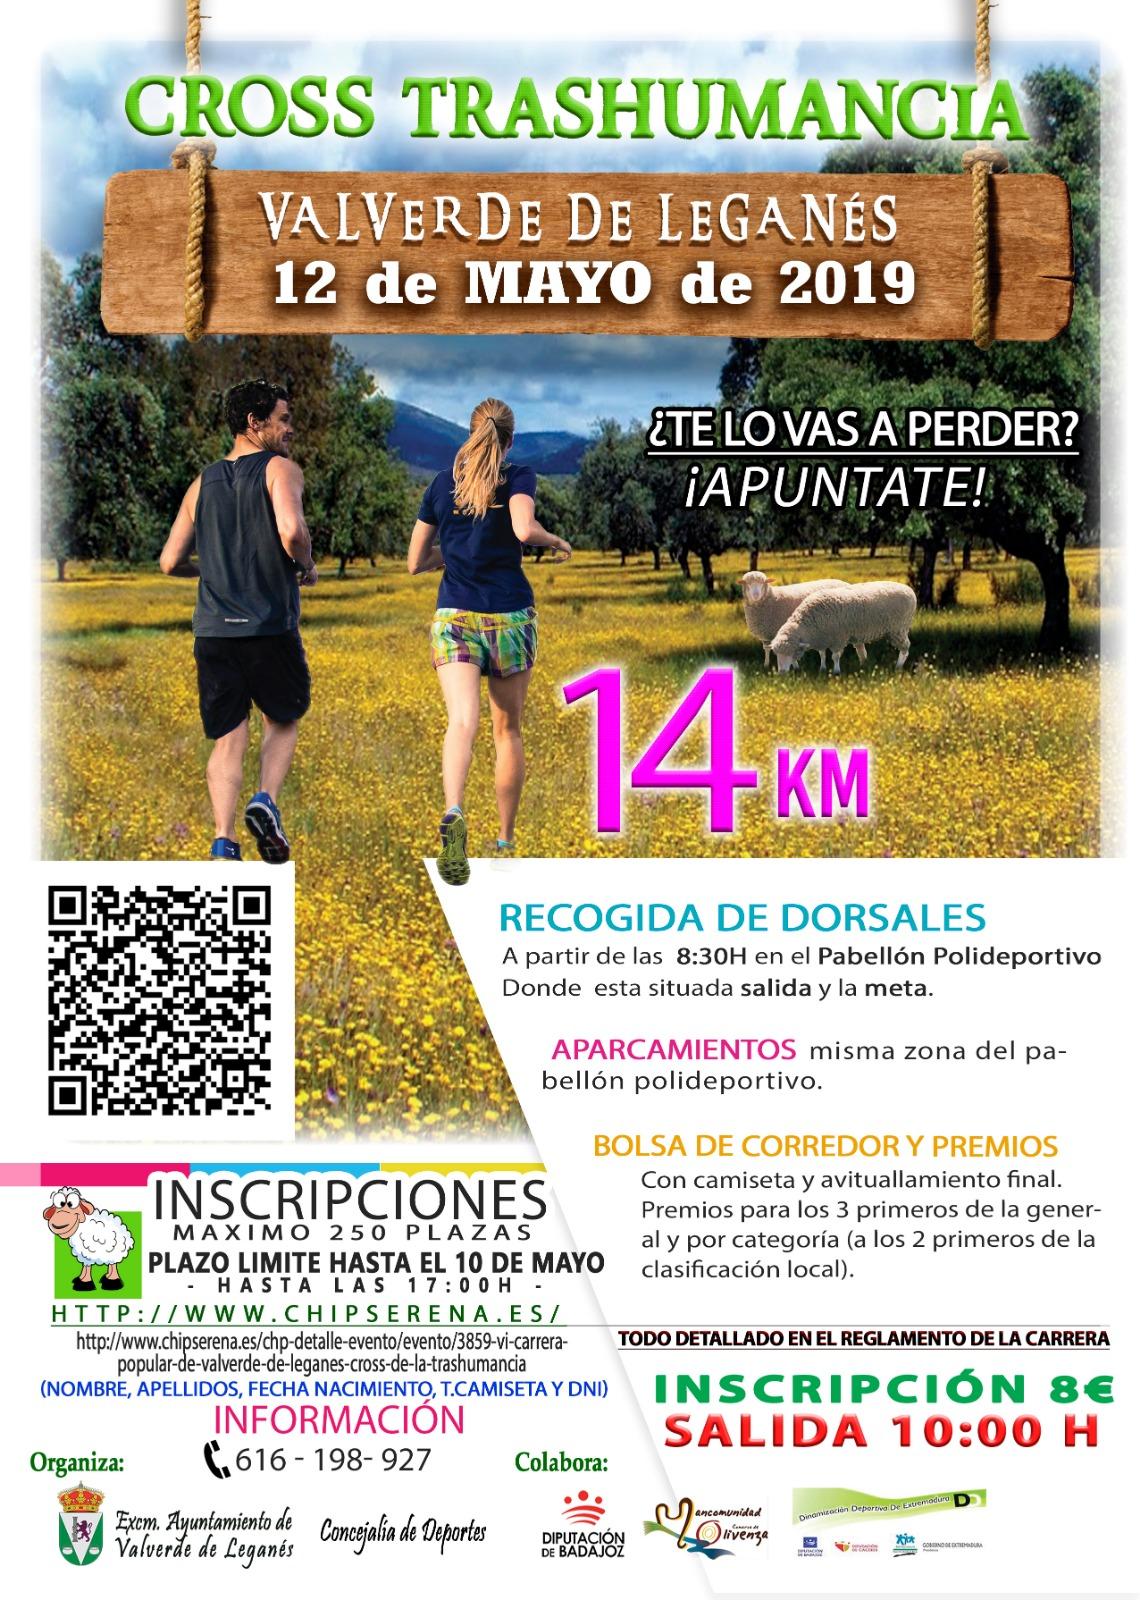 VI Carrera Popular de Valverde de Leganés (Cross de la Trashumancia)